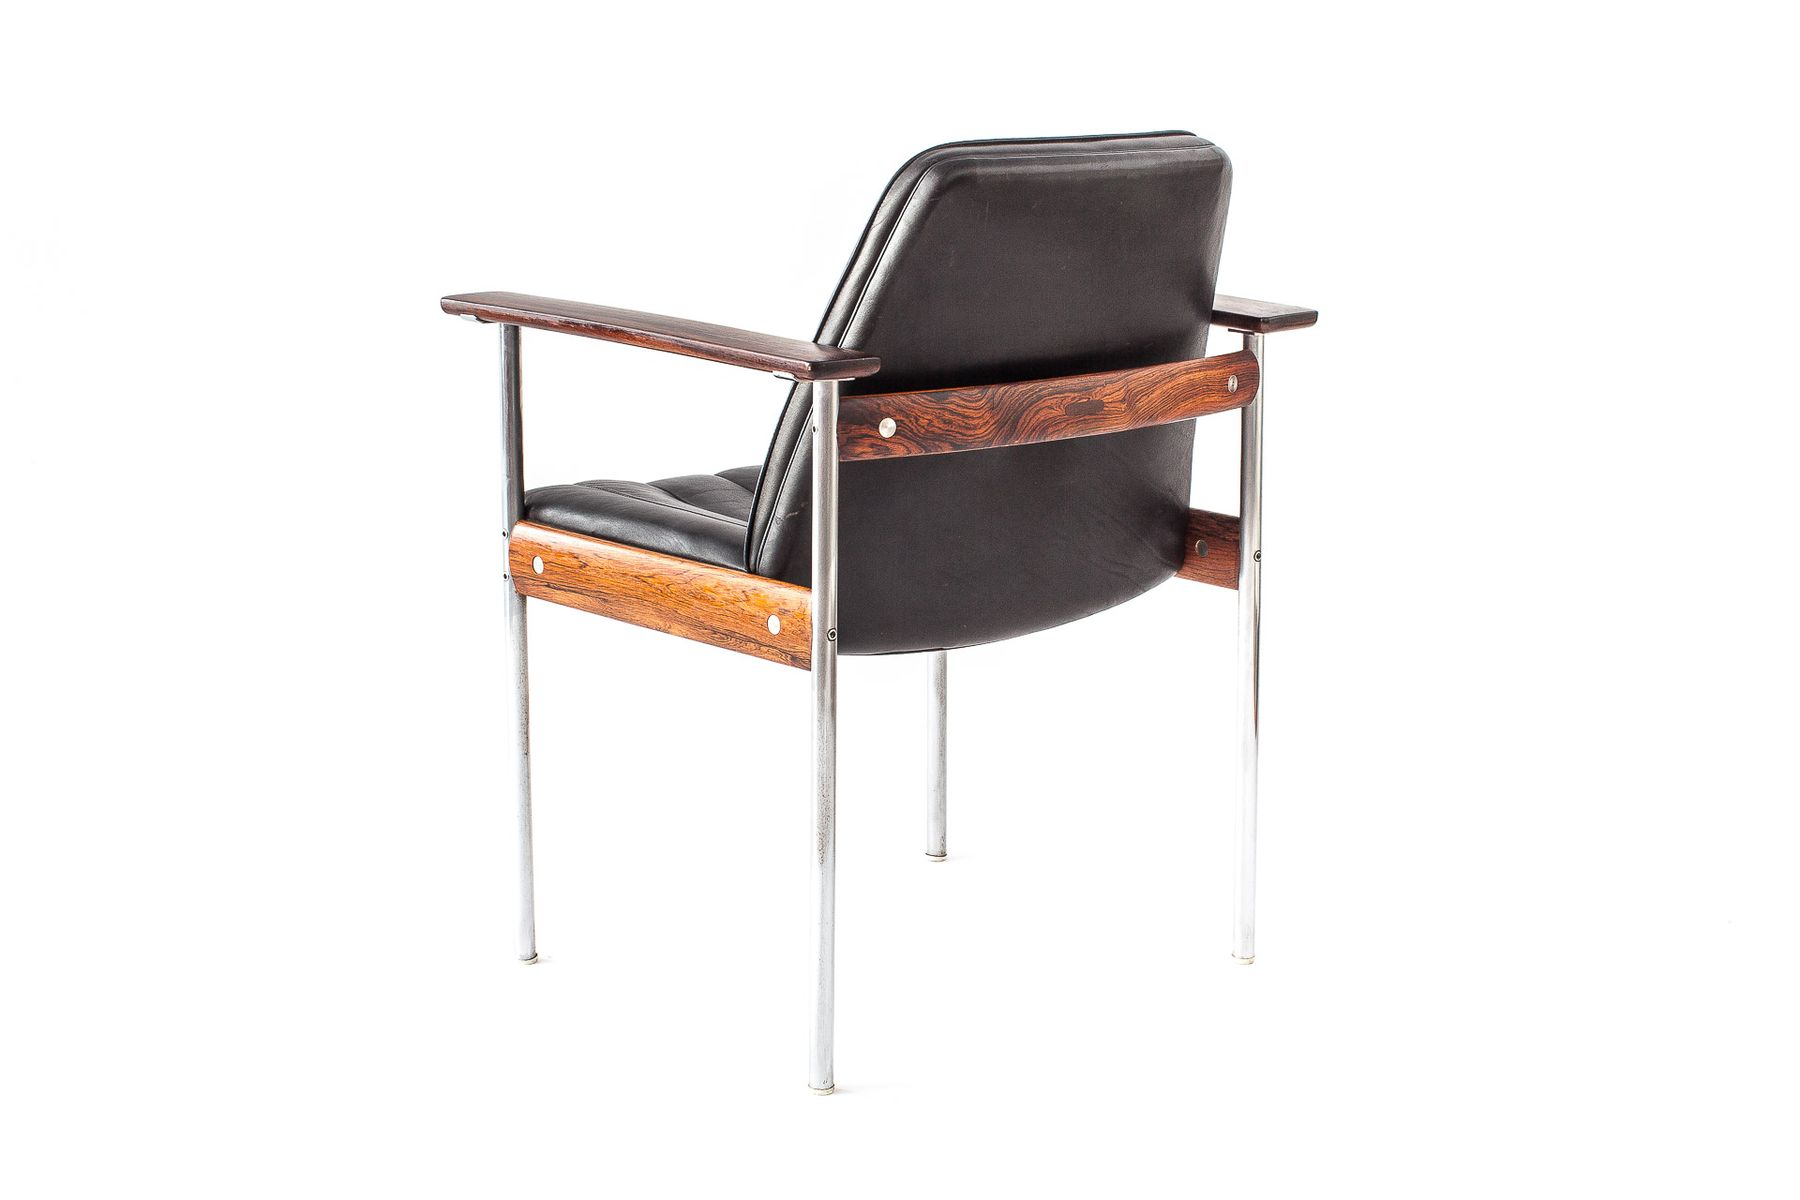 Vintage palisander 1001 armlehnstuhl von sven ivar dysthe for 1001 stuhl design